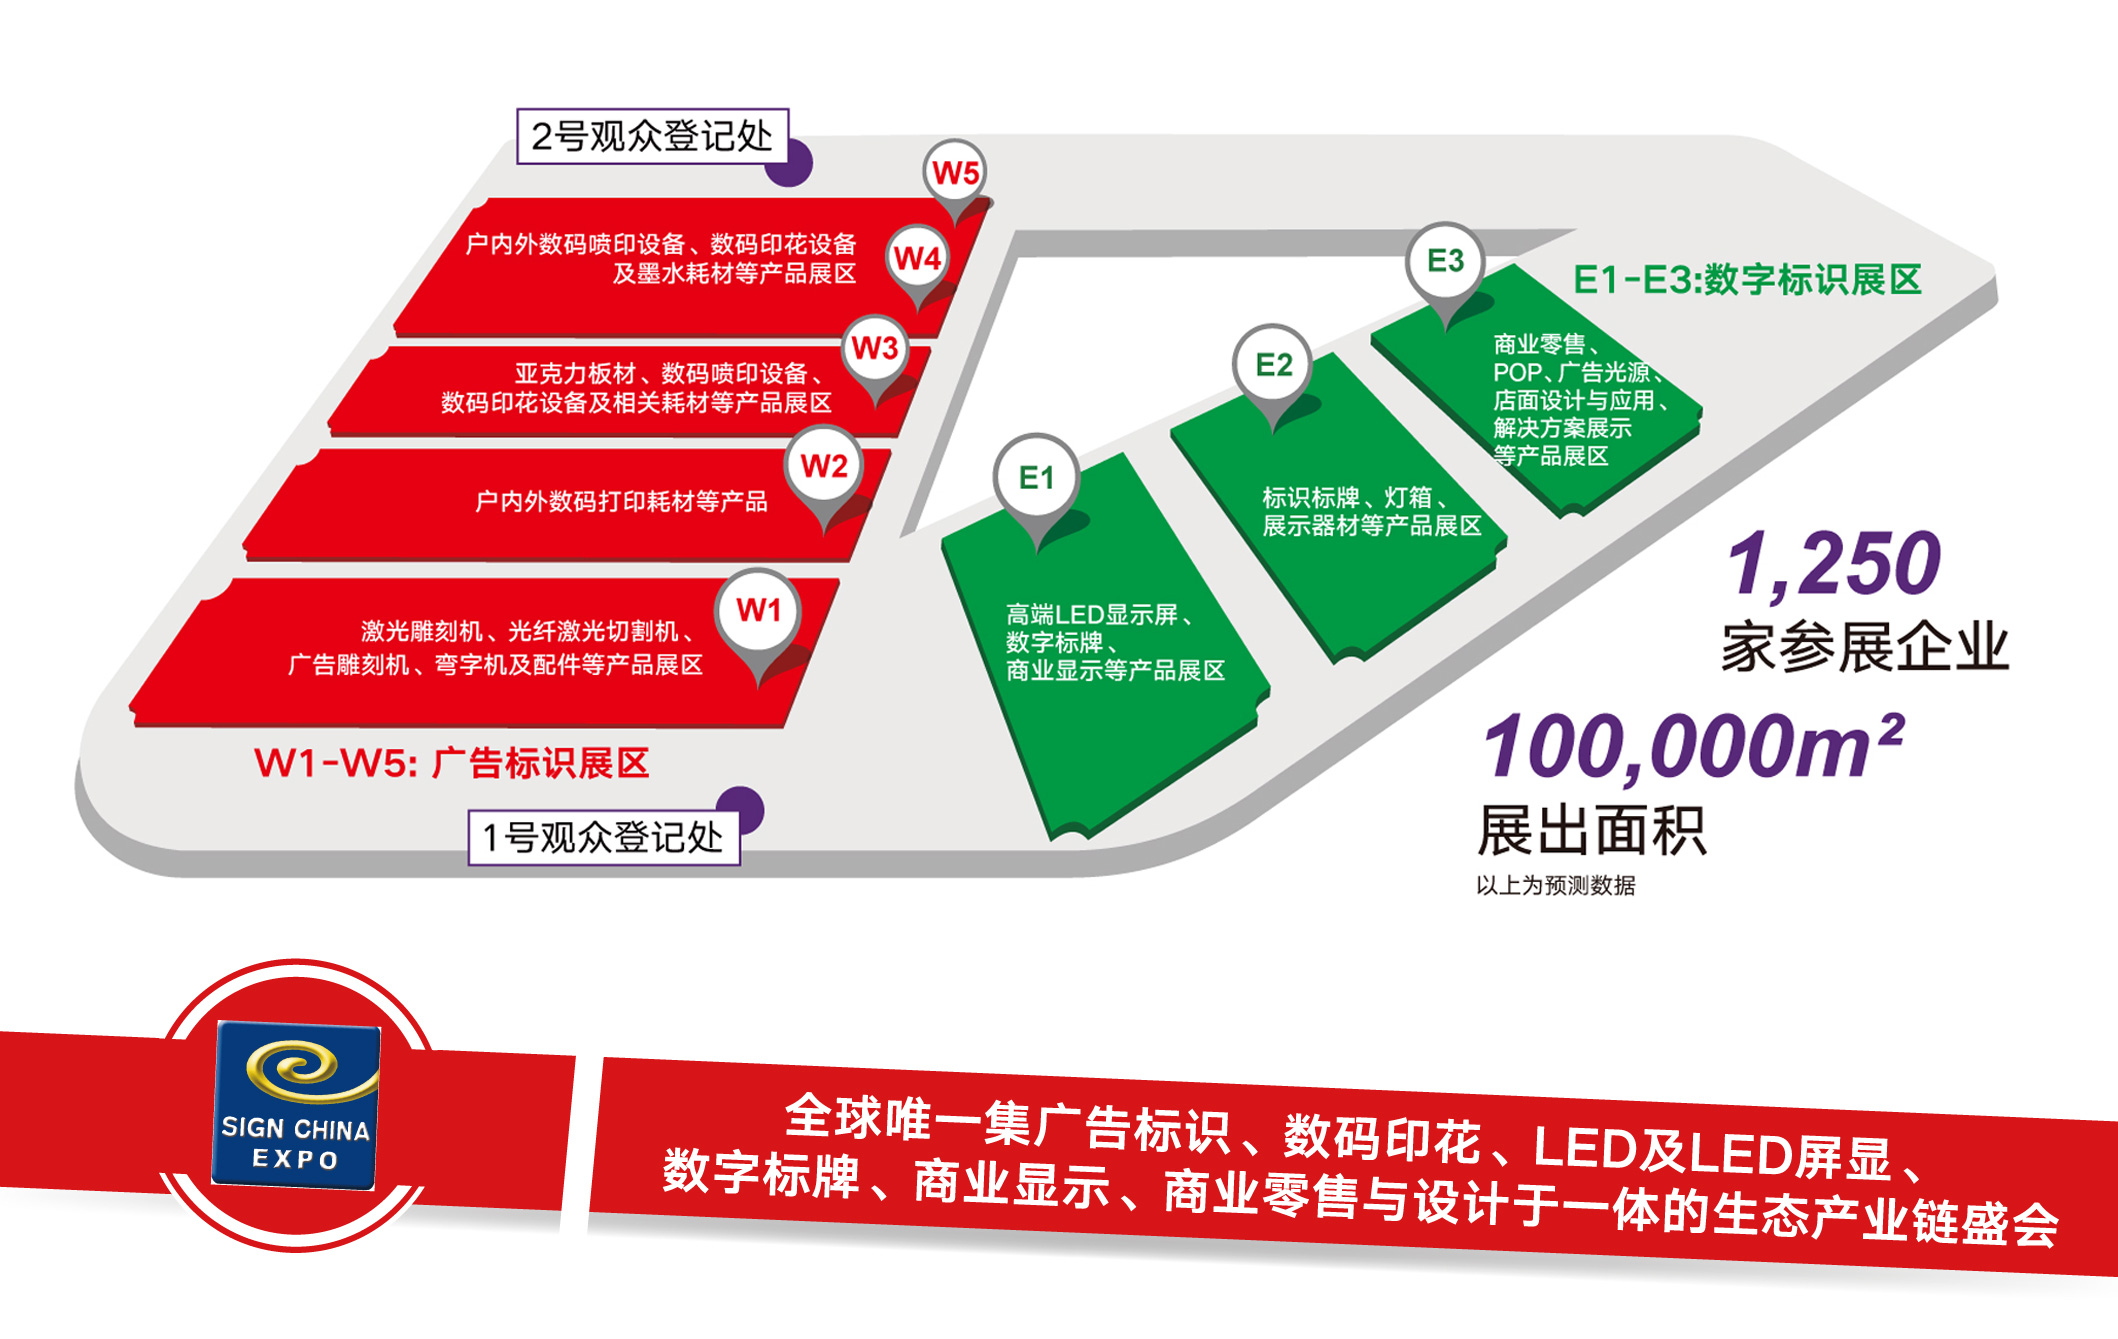 上海平面图-1